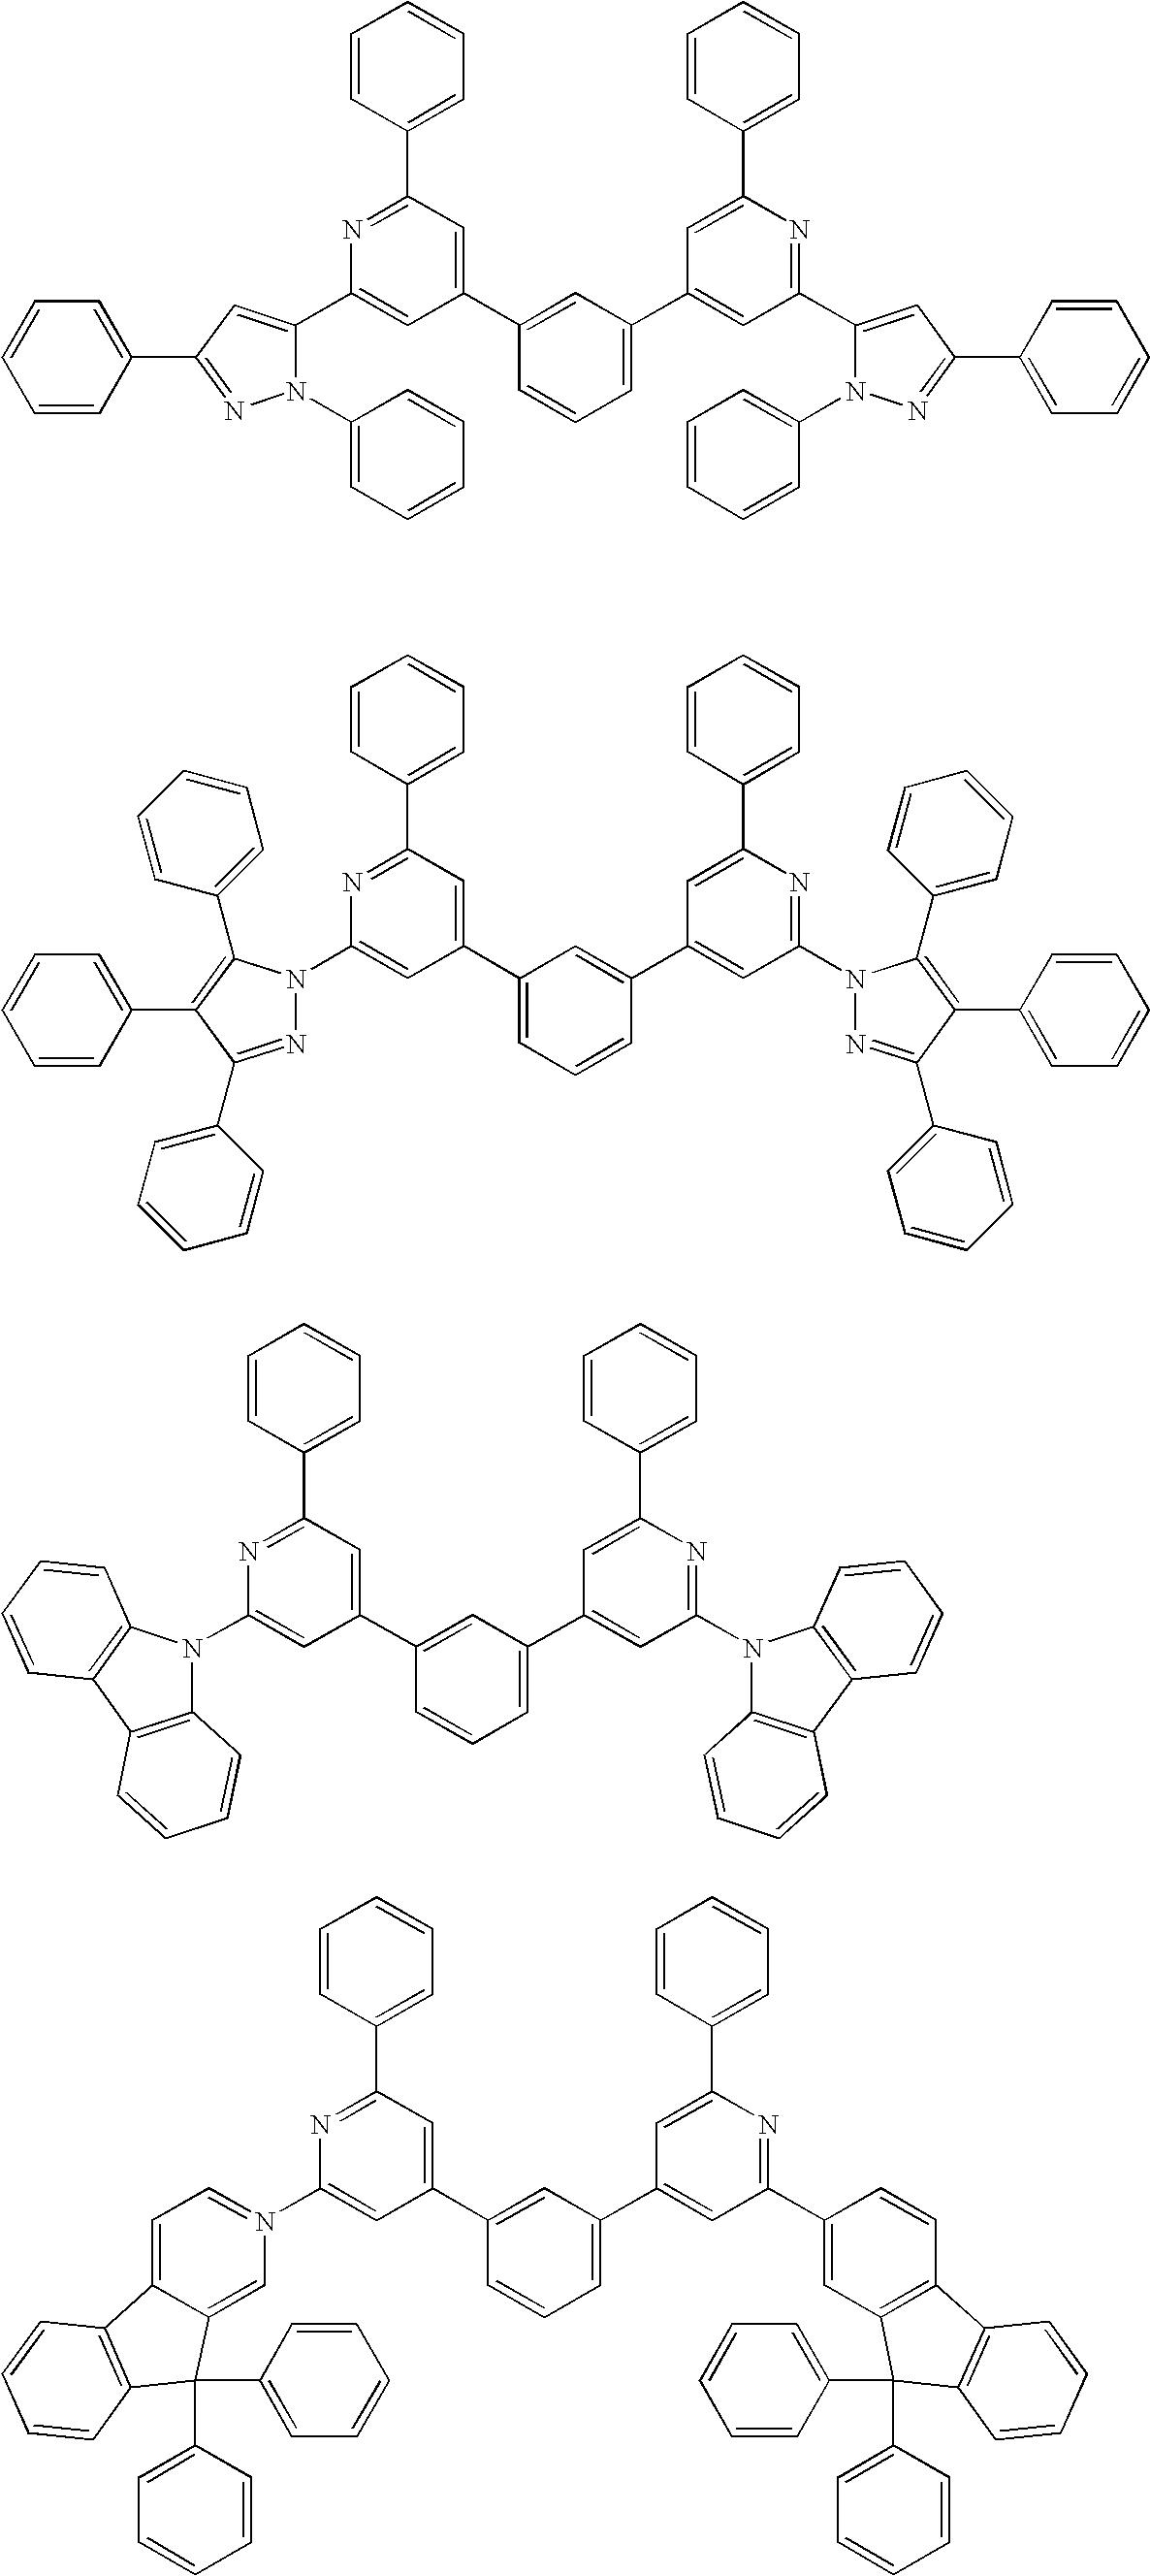 Figure US20060186796A1-20060824-C00030